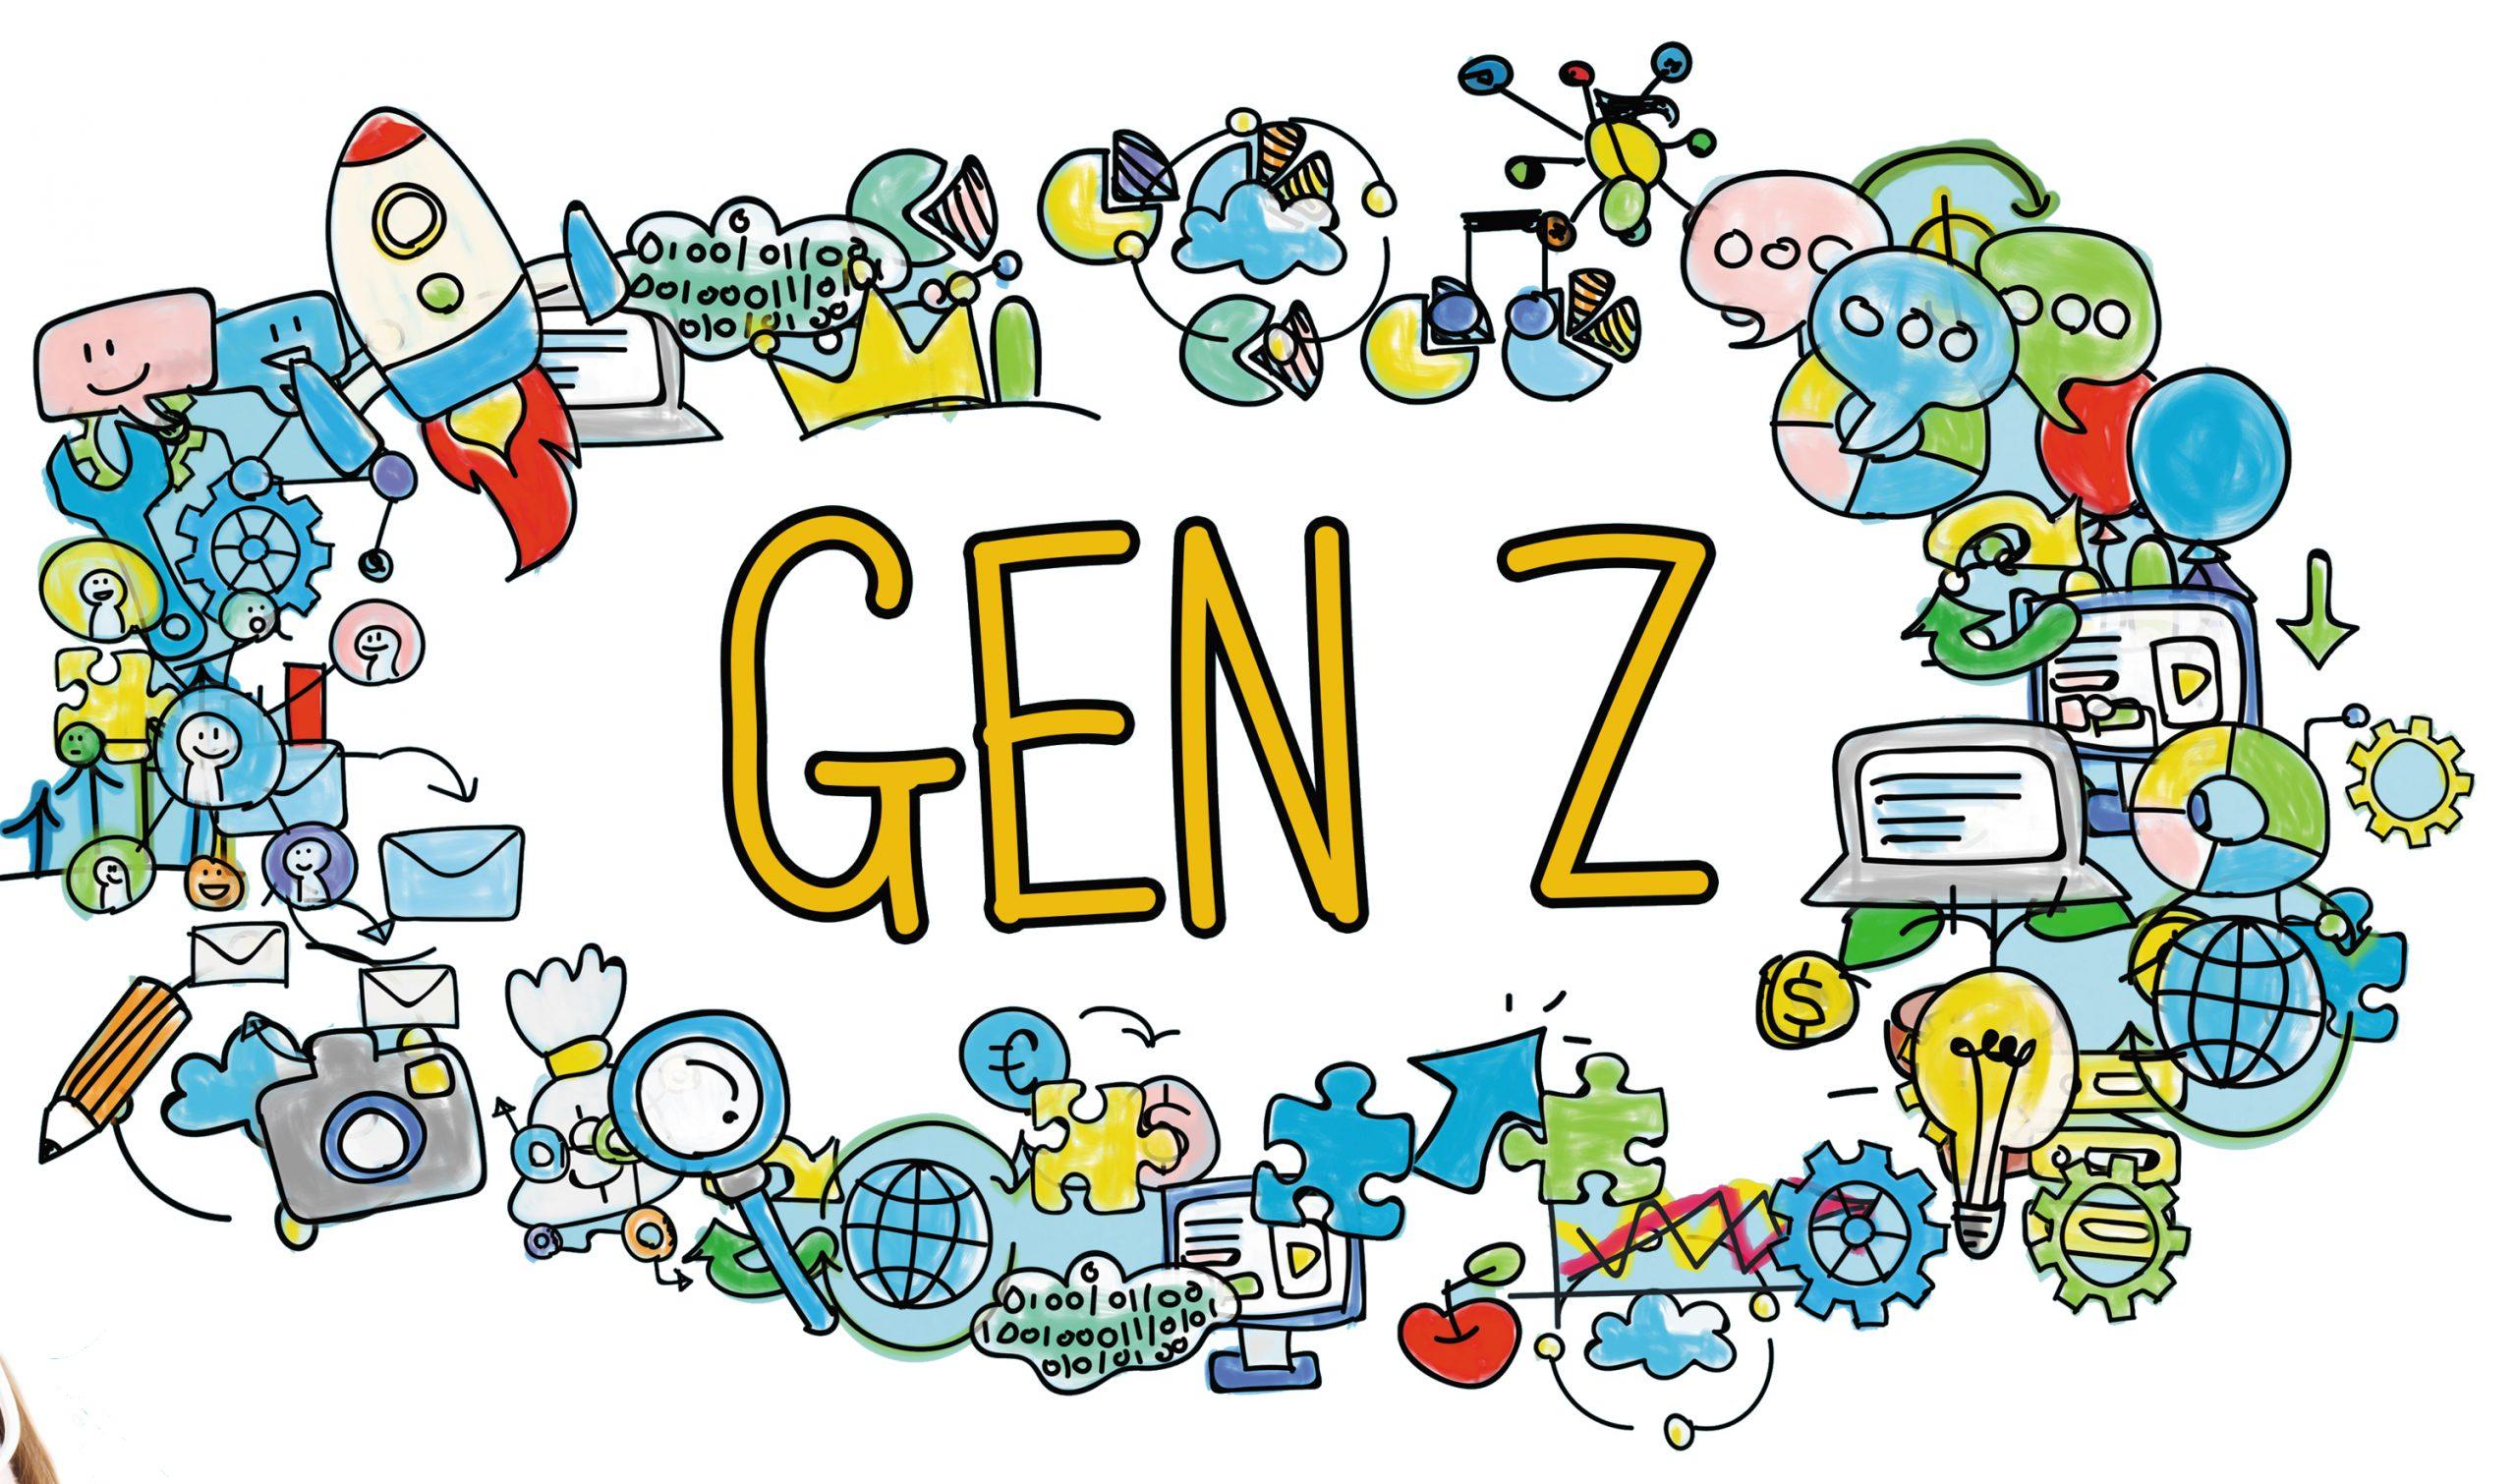 Thế hệ Gen Z là gì? Gen Z là gì trên facebook?